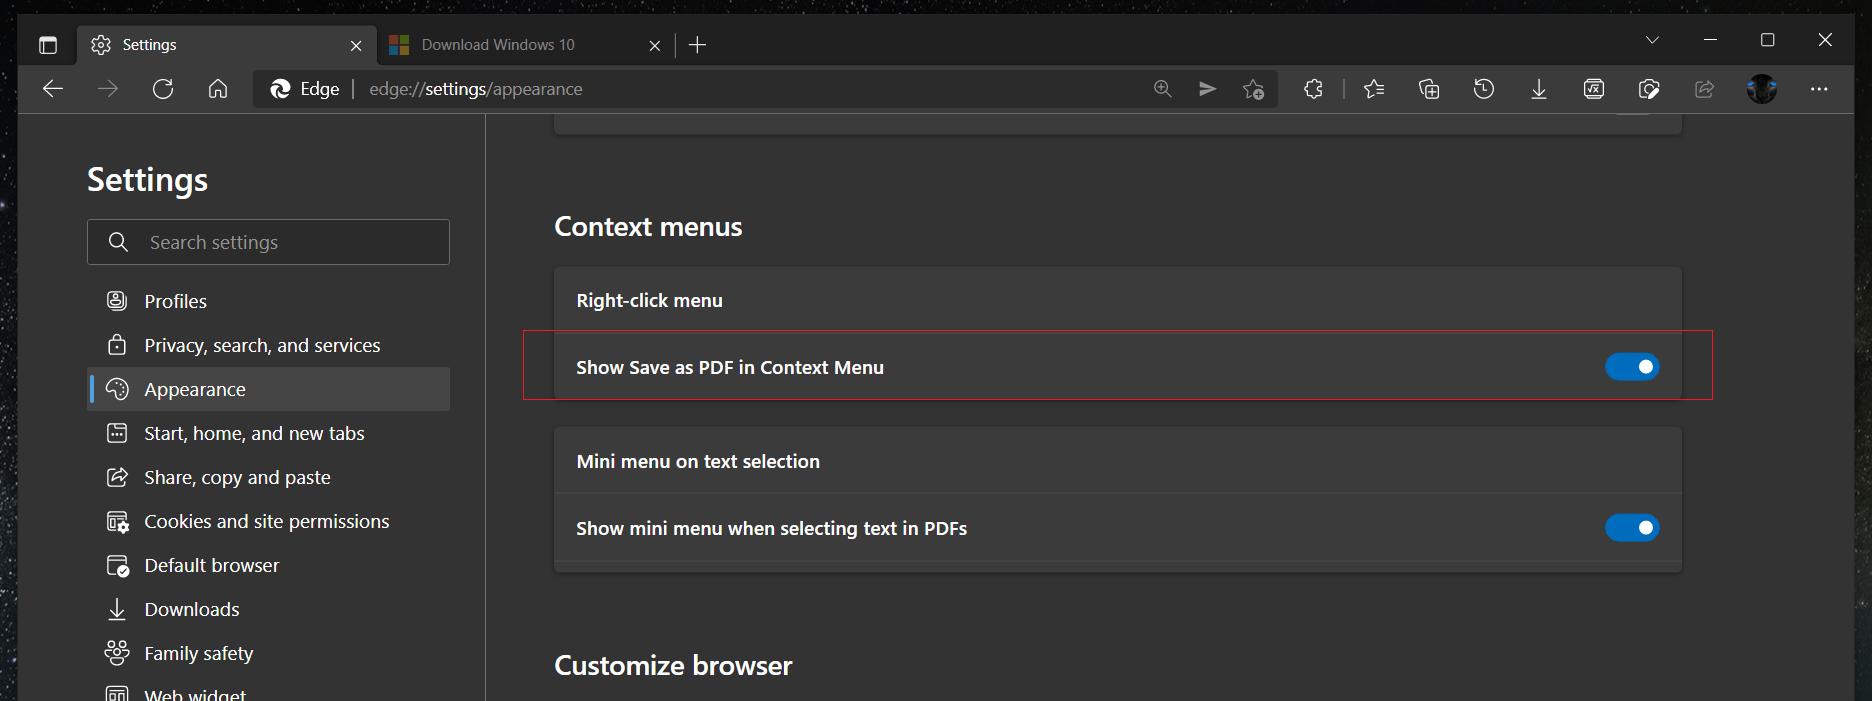 Edge Enable Save As PDF Context Menu